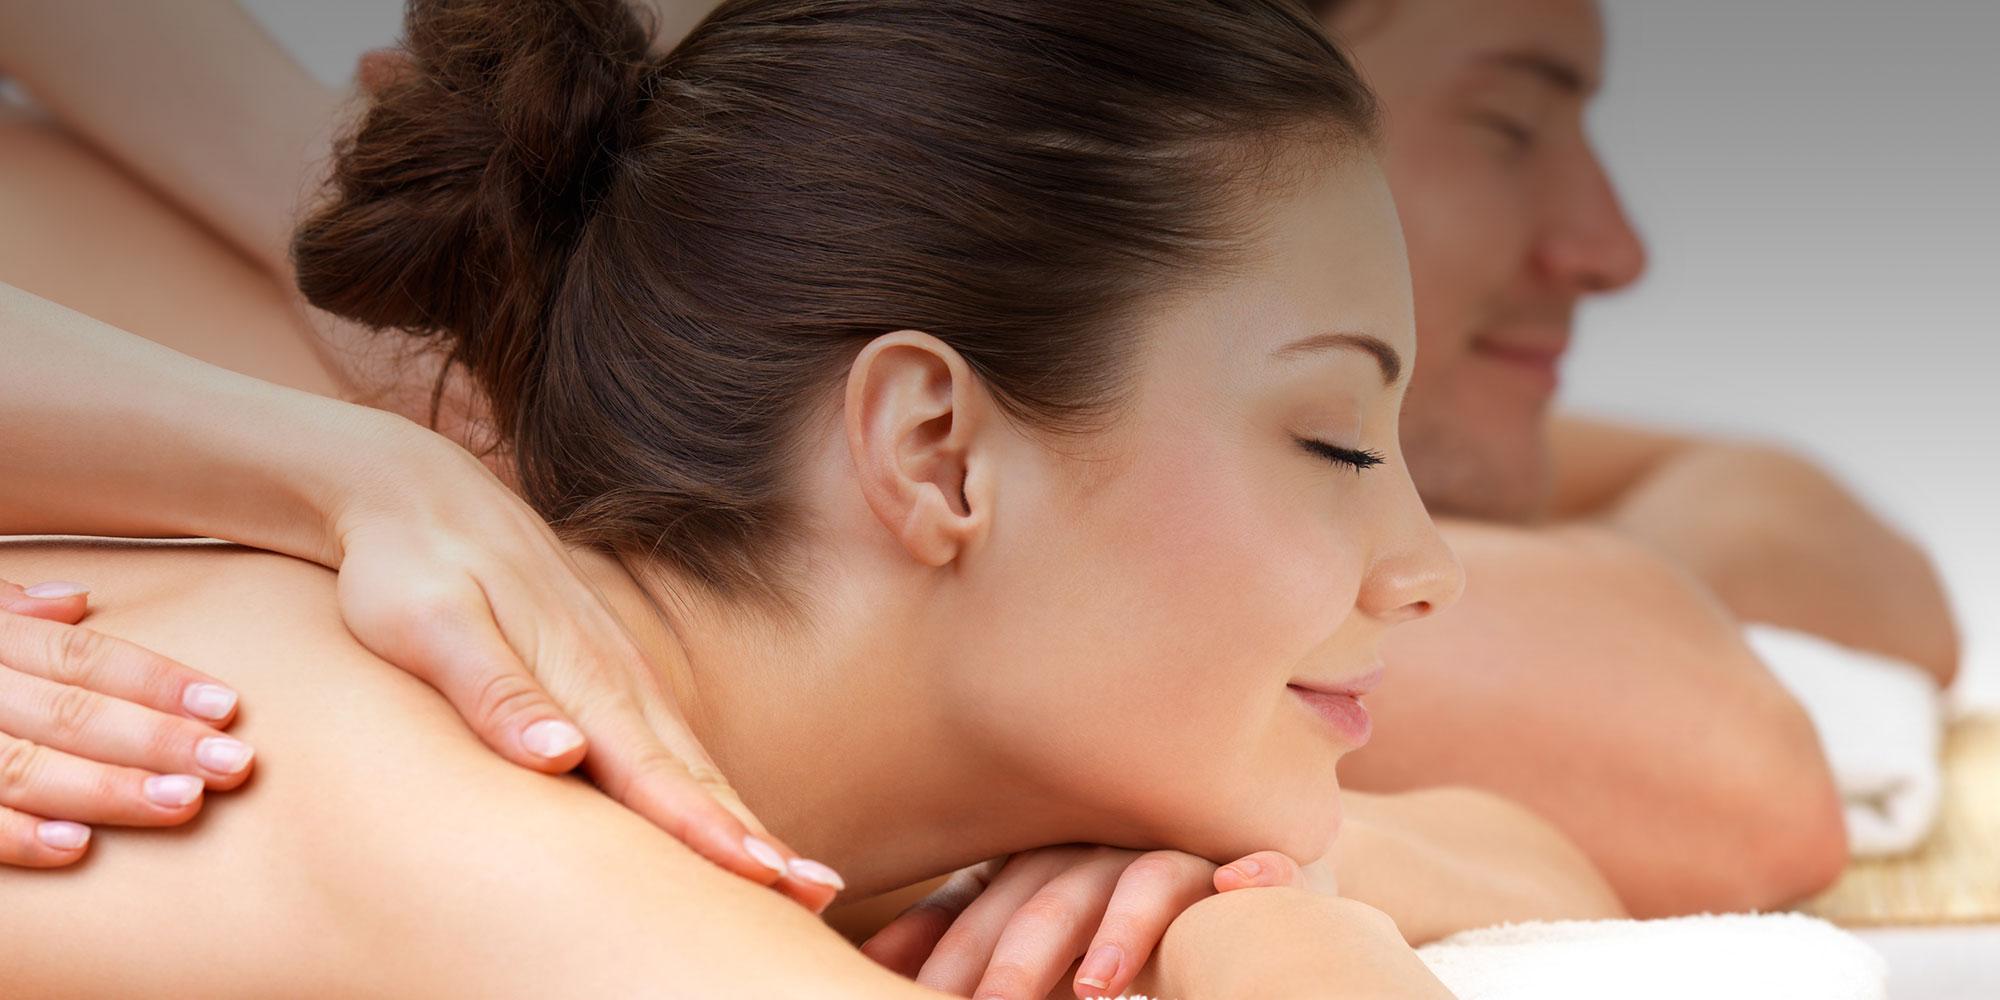 sansiri thai massage and spa sansiri thai massage spa. Black Bedroom Furniture Sets. Home Design Ideas